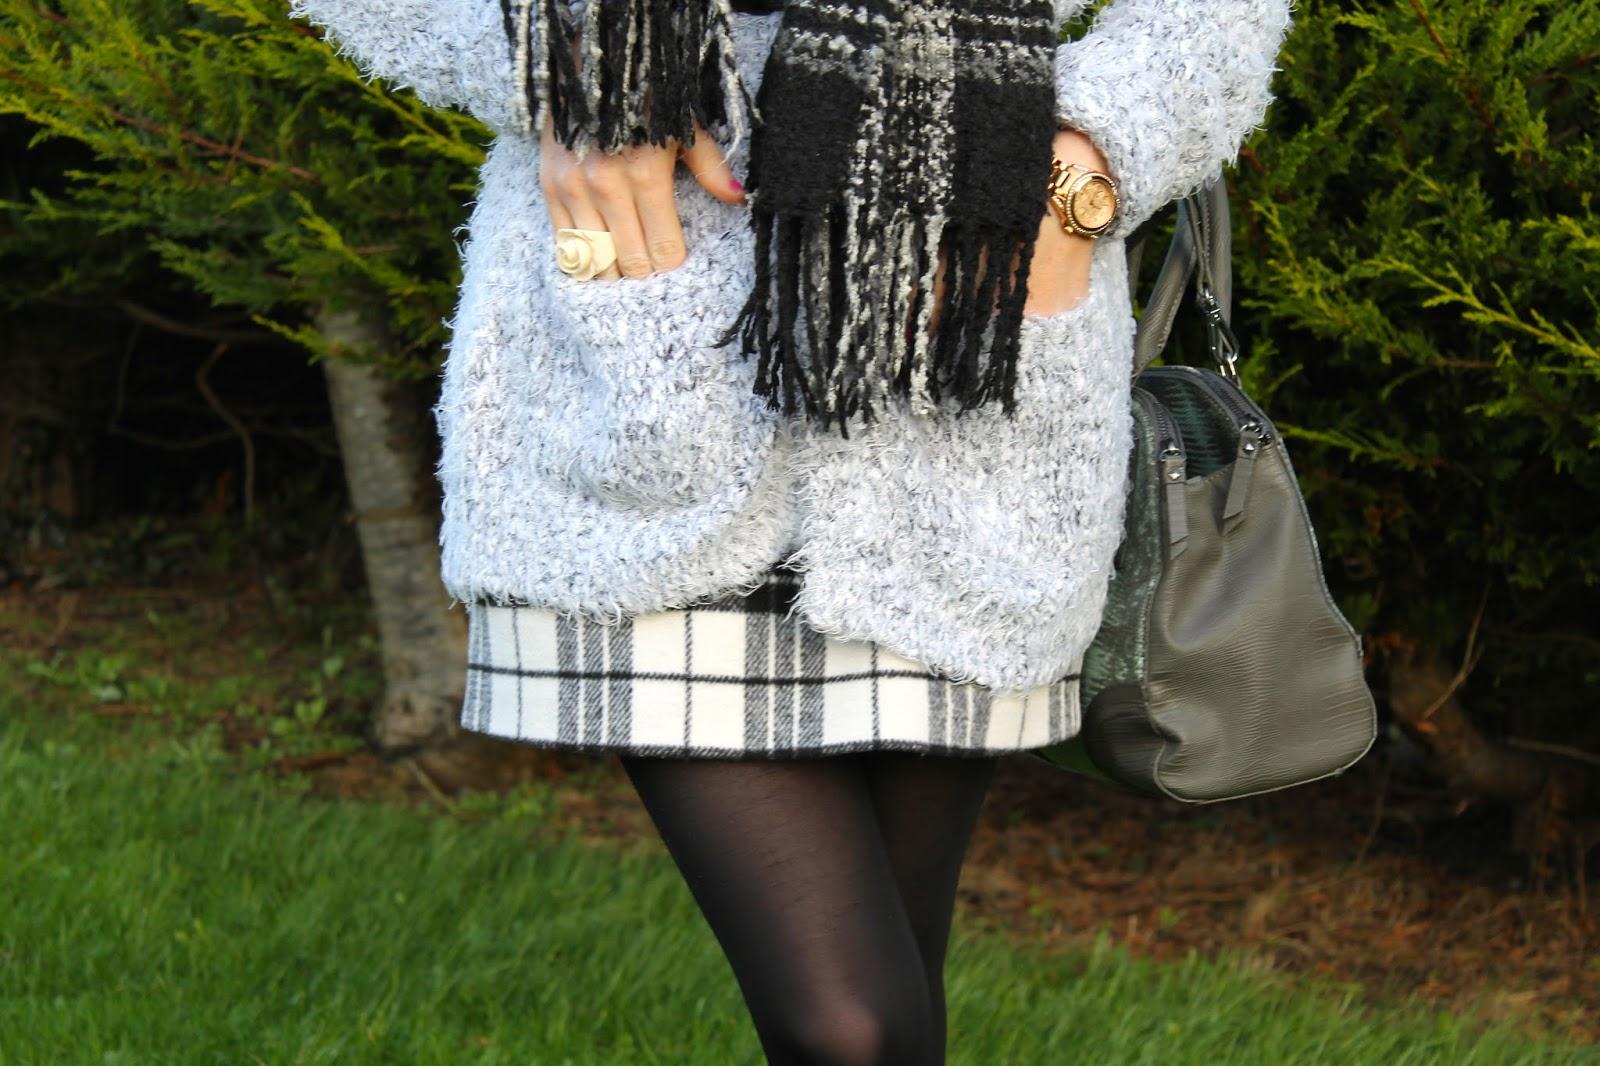 Bec boop tartan skirt detail